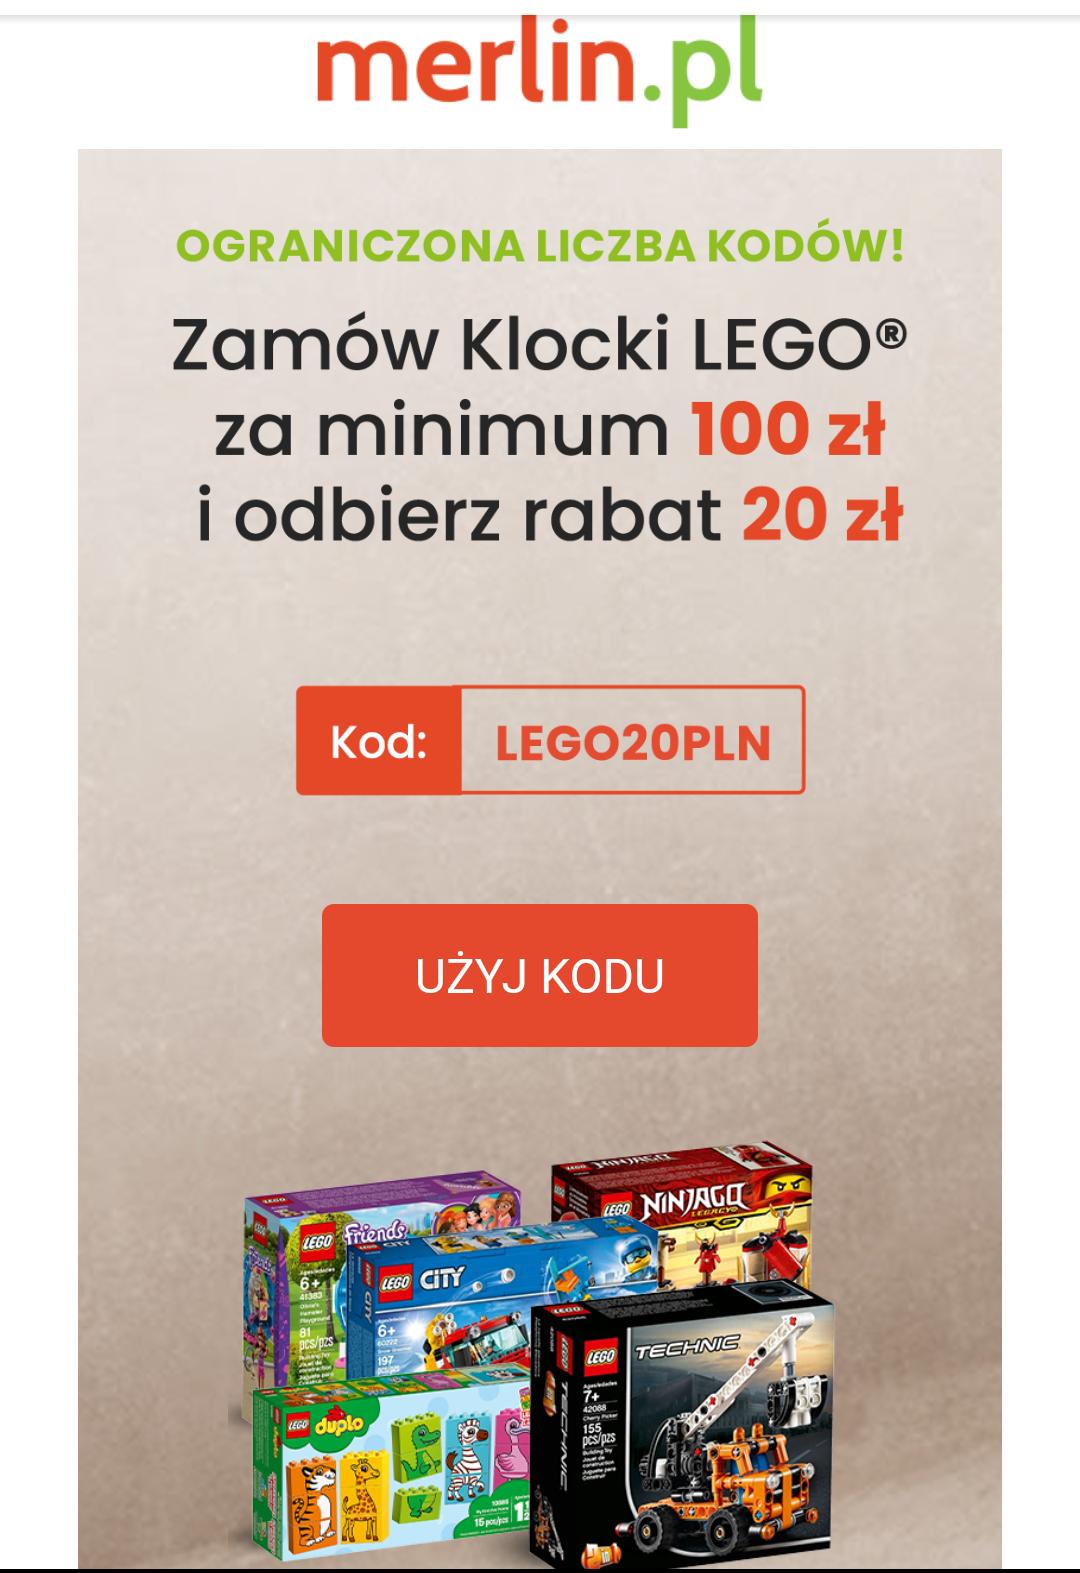 20zł rabatu na zakup klocków LEGO w merlin.pl mwz 100zl